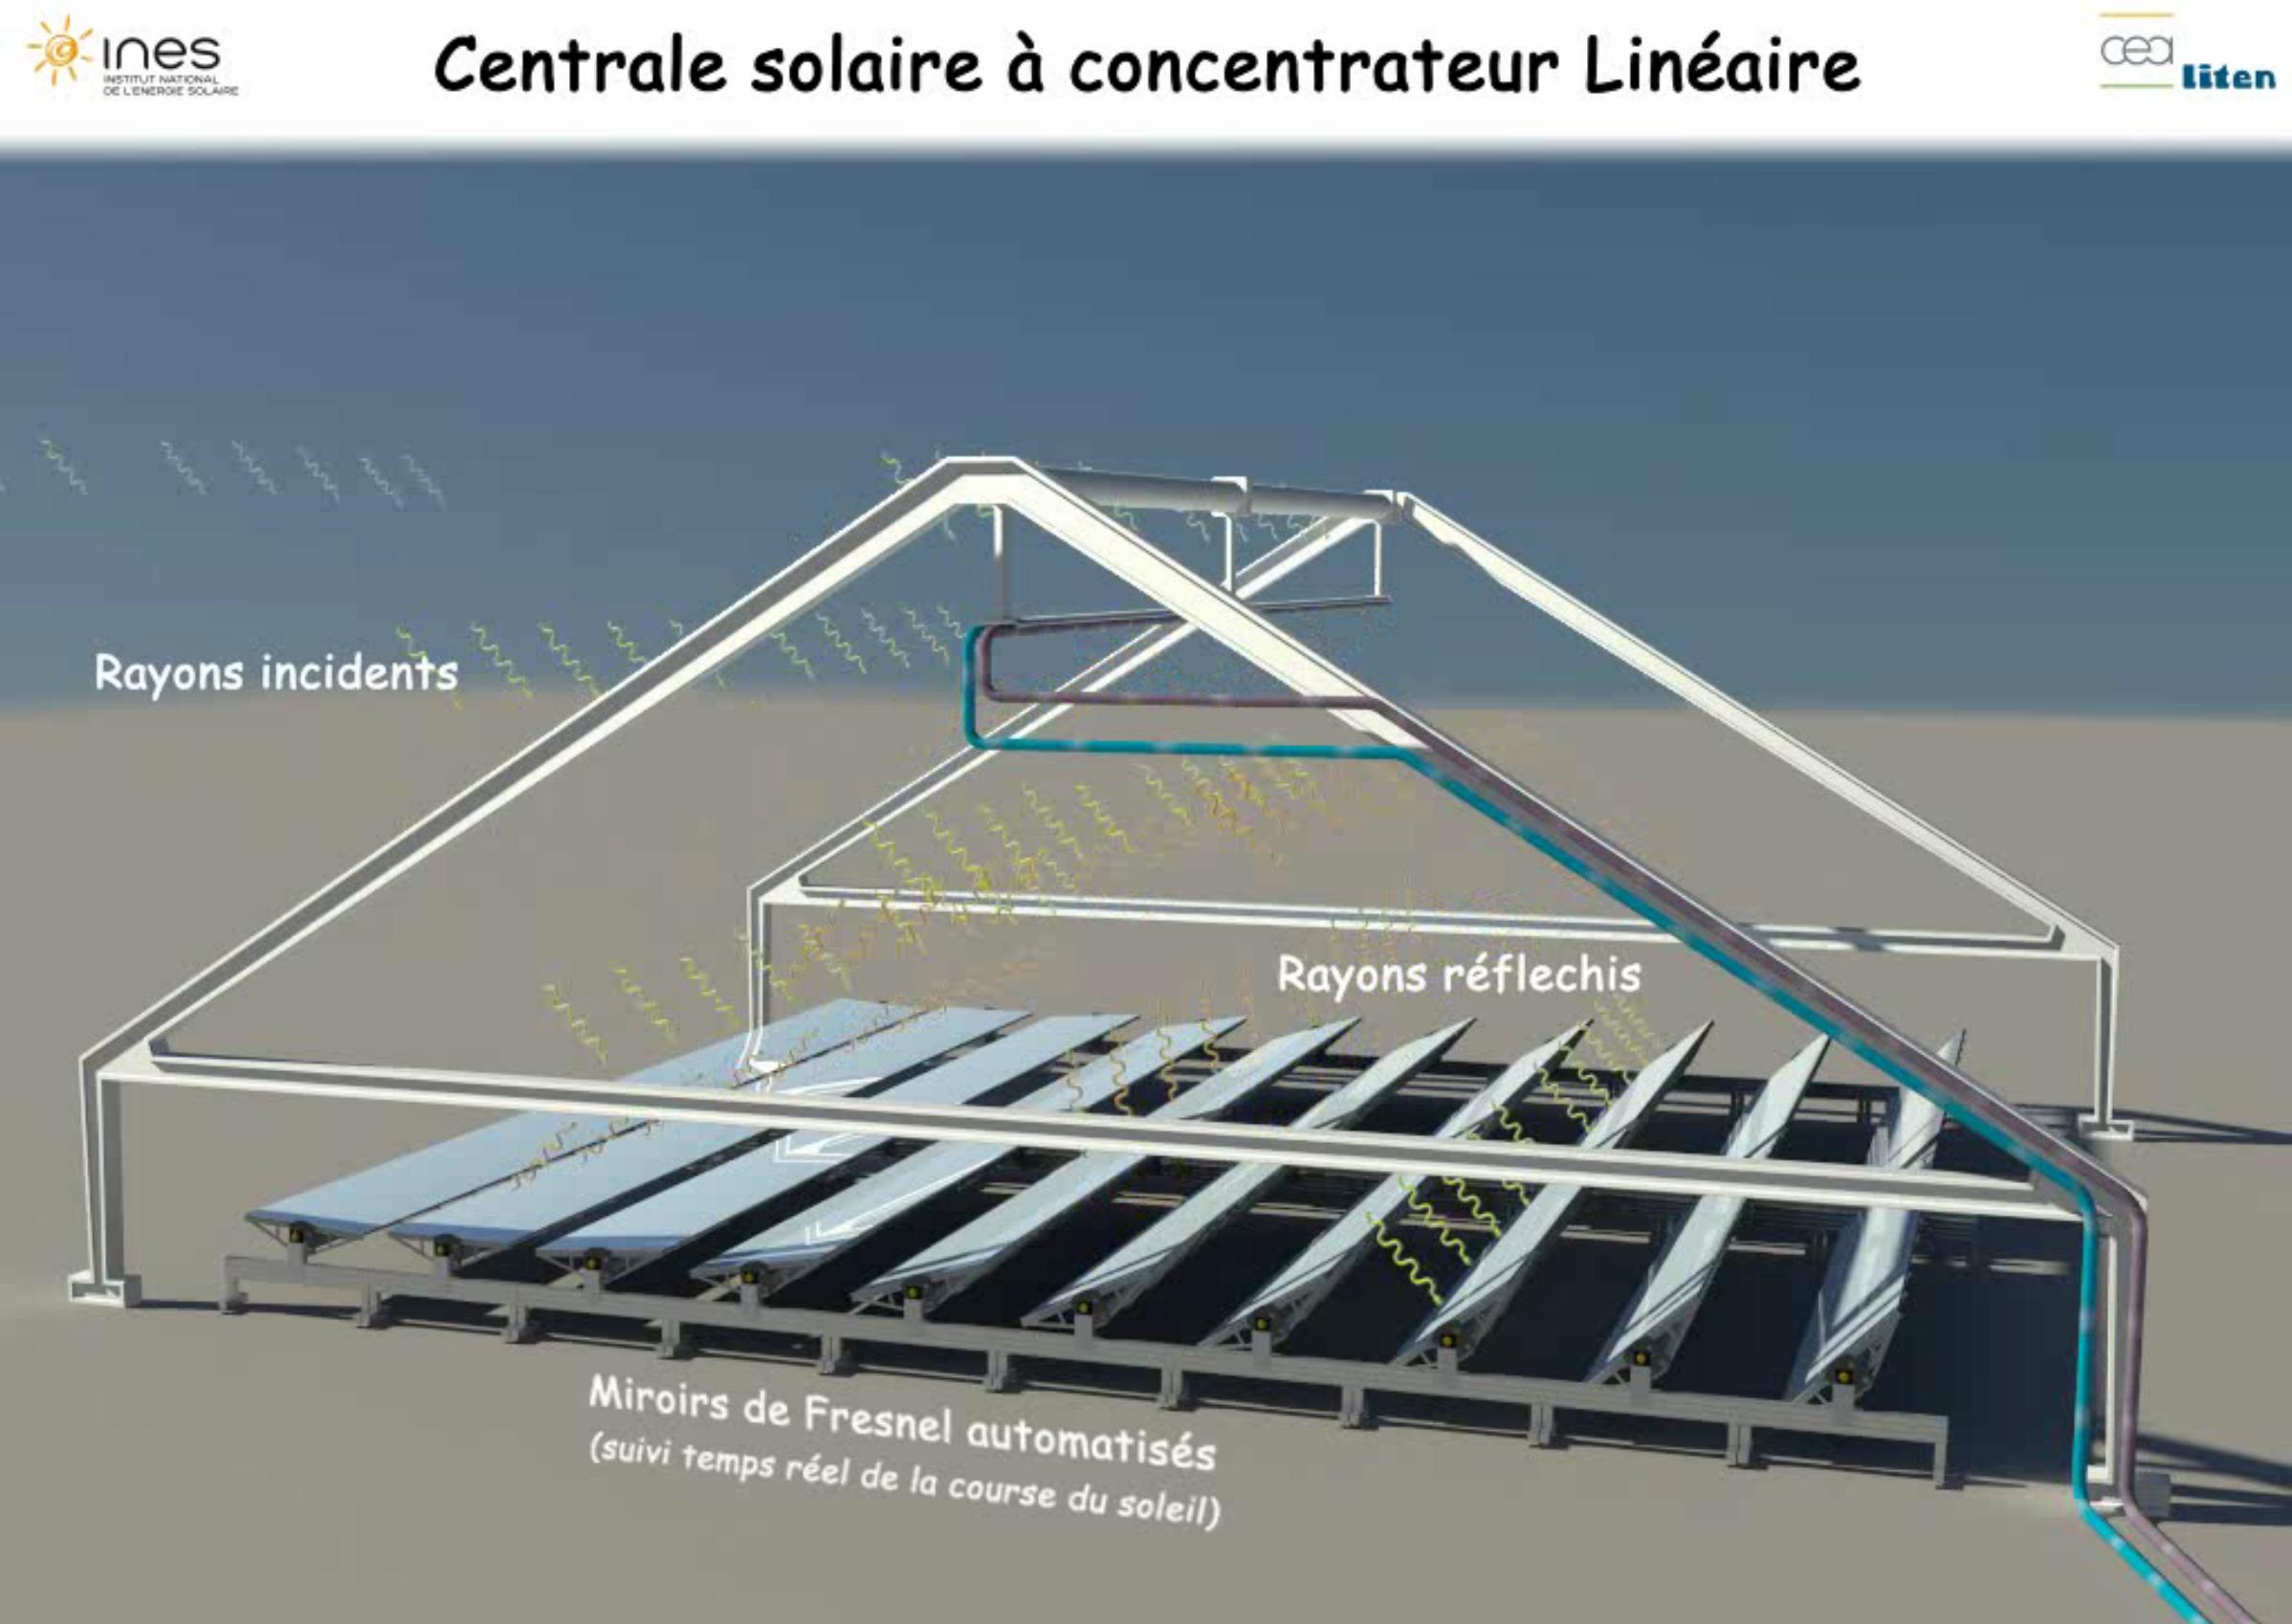 Centrale solaire thermique à concentration